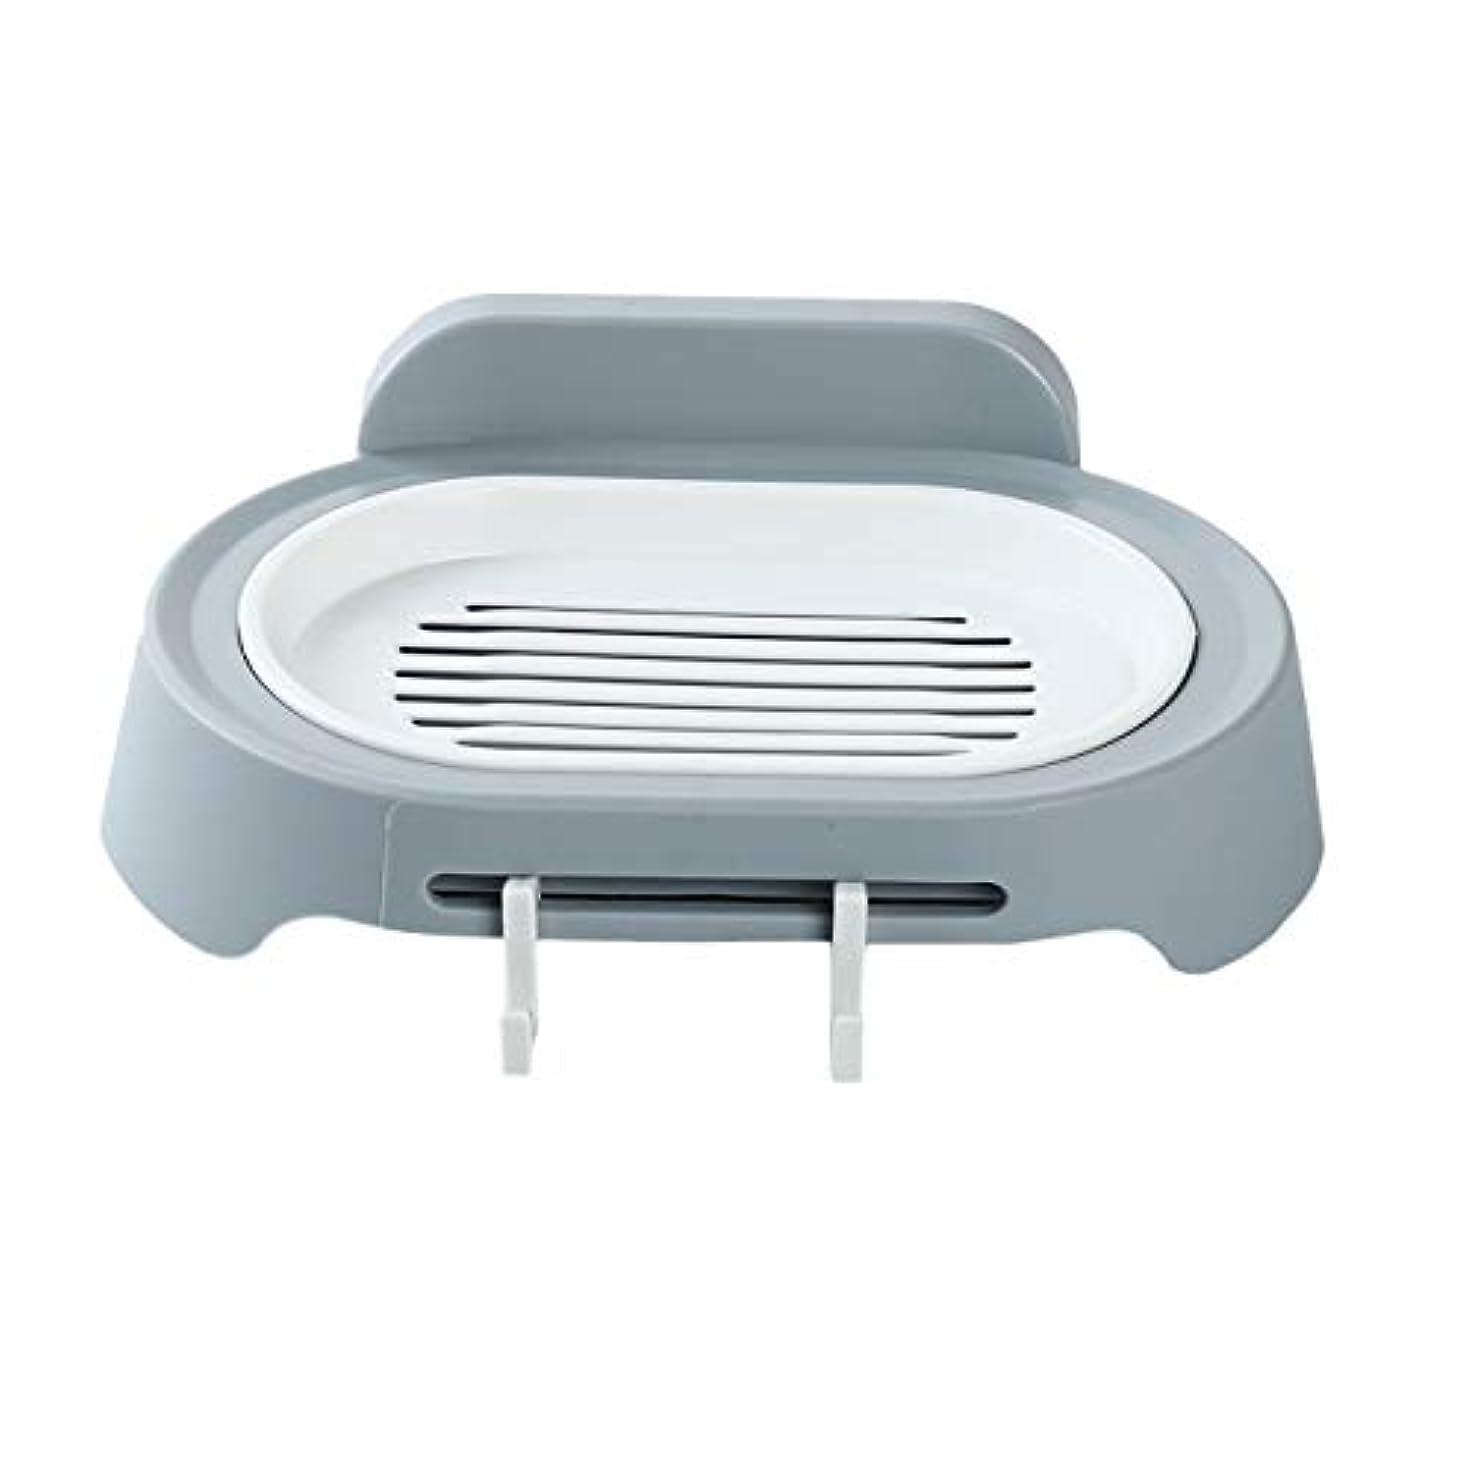 暴露学者仮説ZALING 灰色のホックが付いているの浴室の石鹸の貯蔵の吸引の壁に取り付けられた石鹸のオルガナイザー